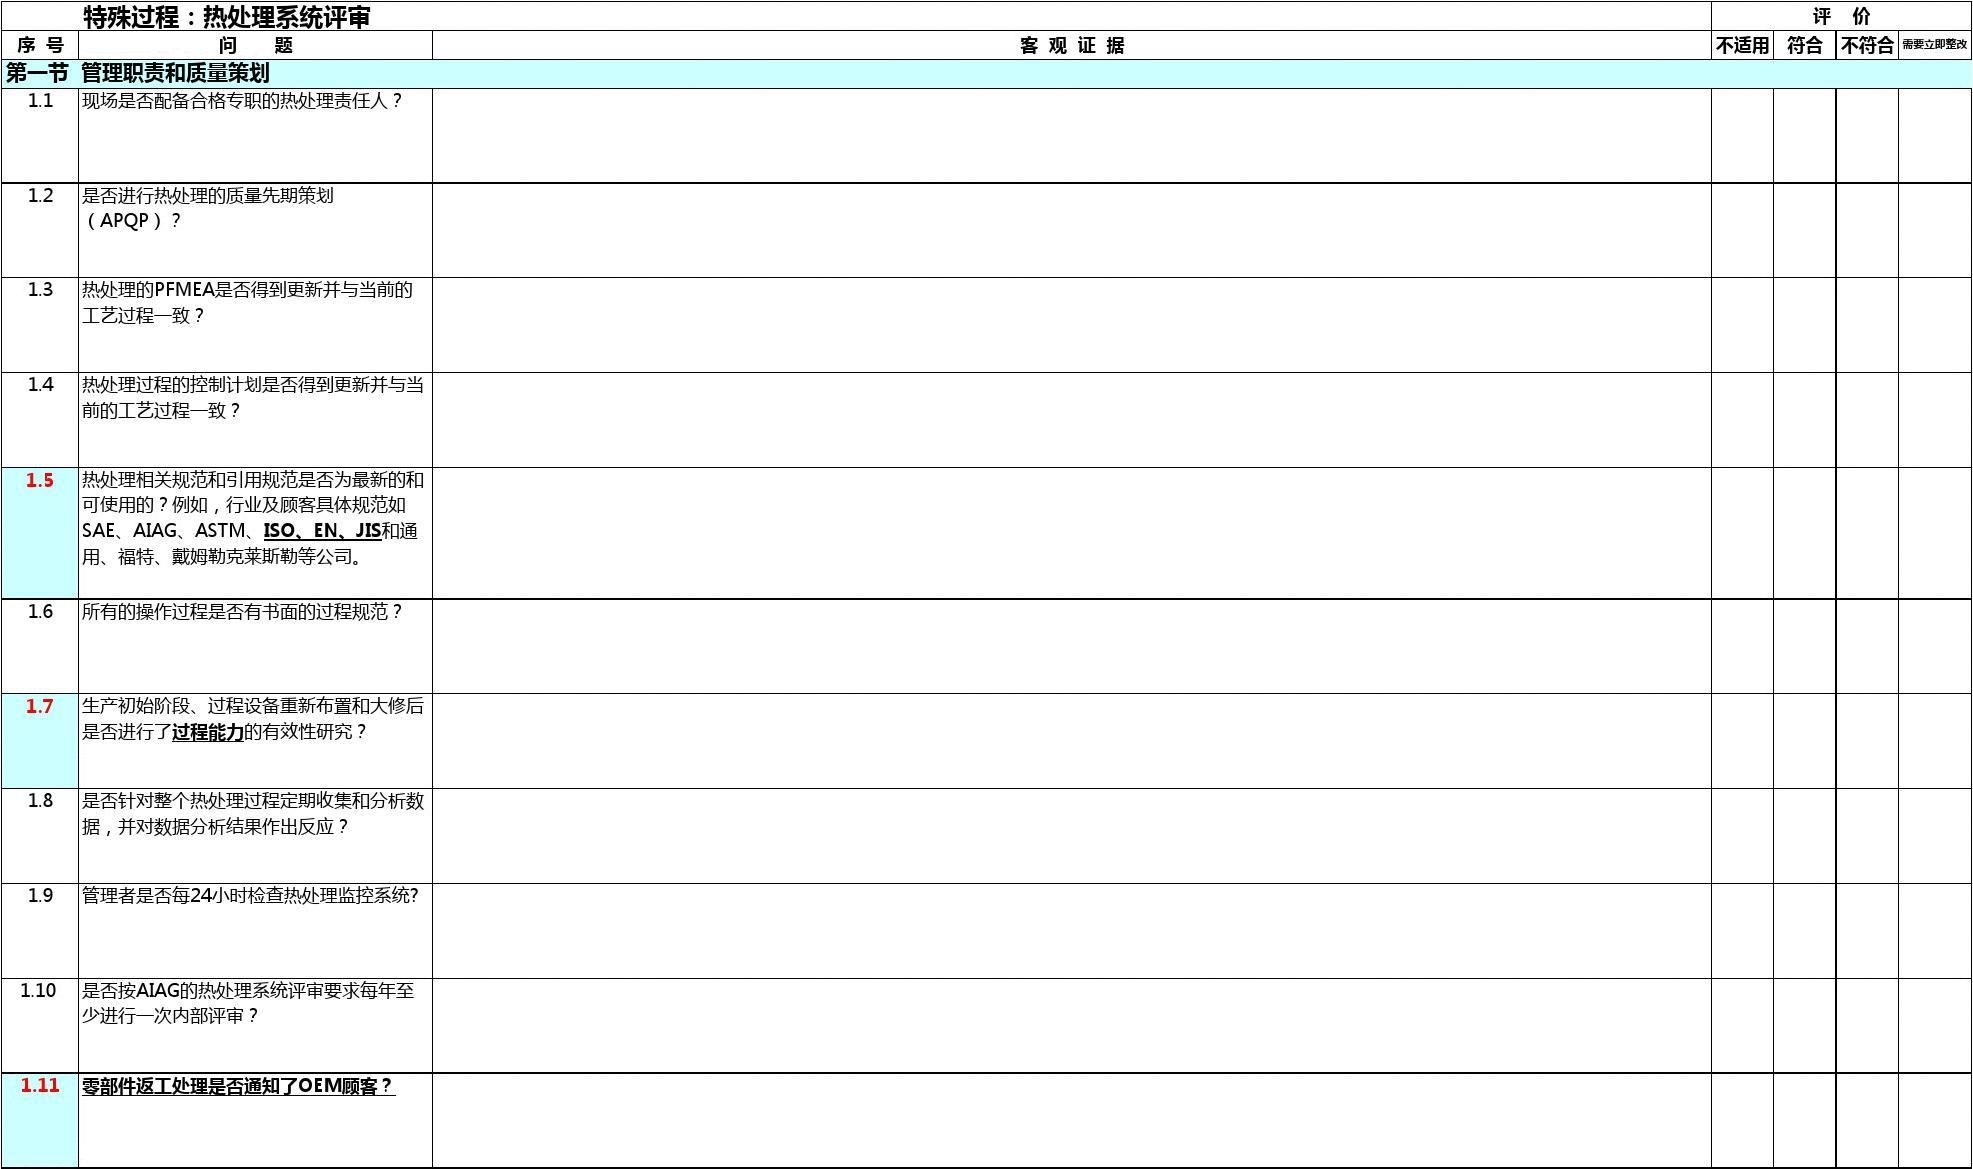 周三多管理学第三版_CQI-9第三版评审记录表作业审核表A_word文档在线阅读与下载_无忧文档